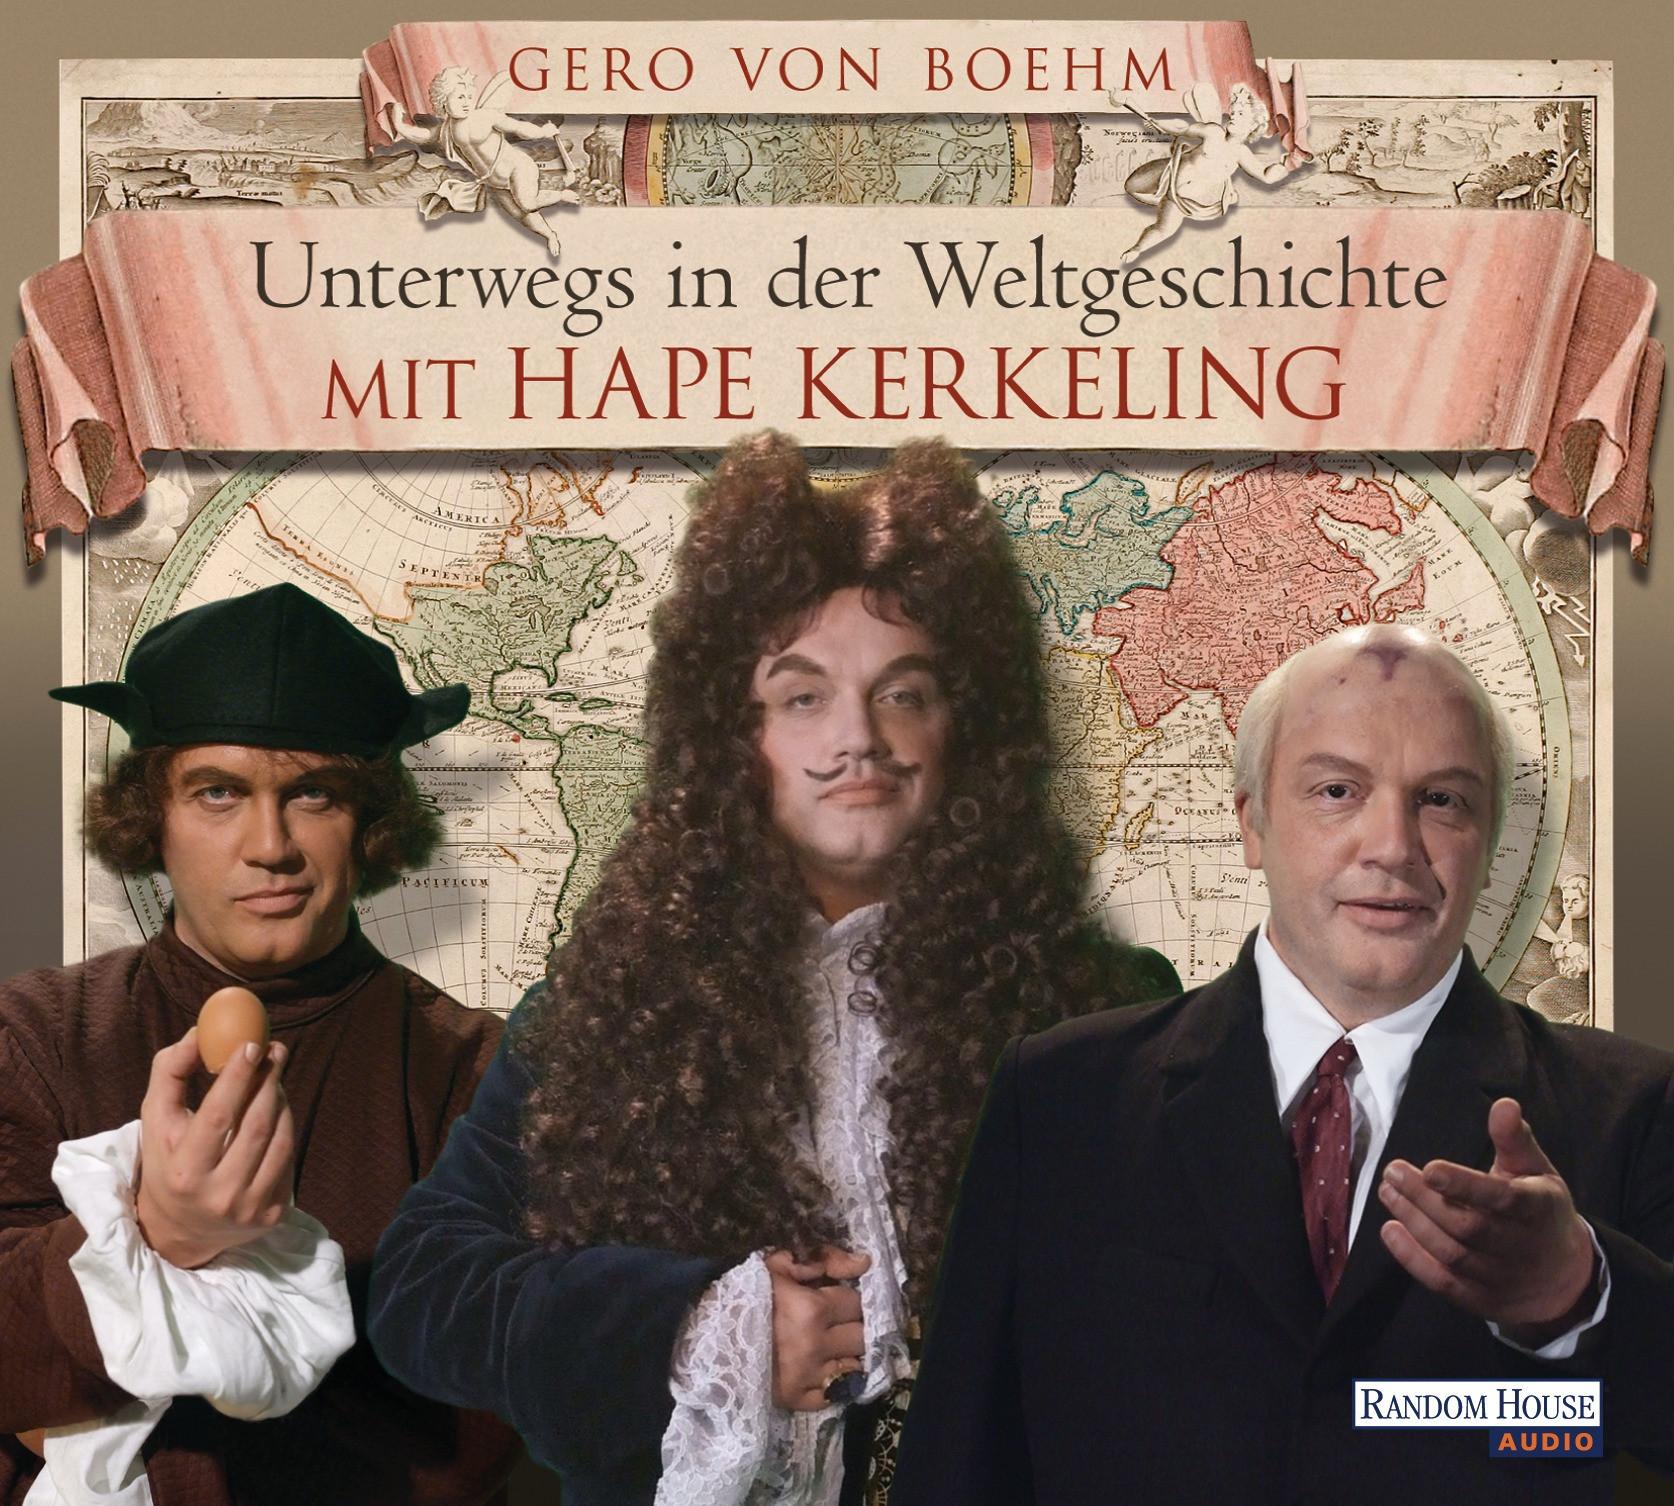 G. v. Boehm - Unterwegs in der Weltgeschichte mit Hape Kerkeling